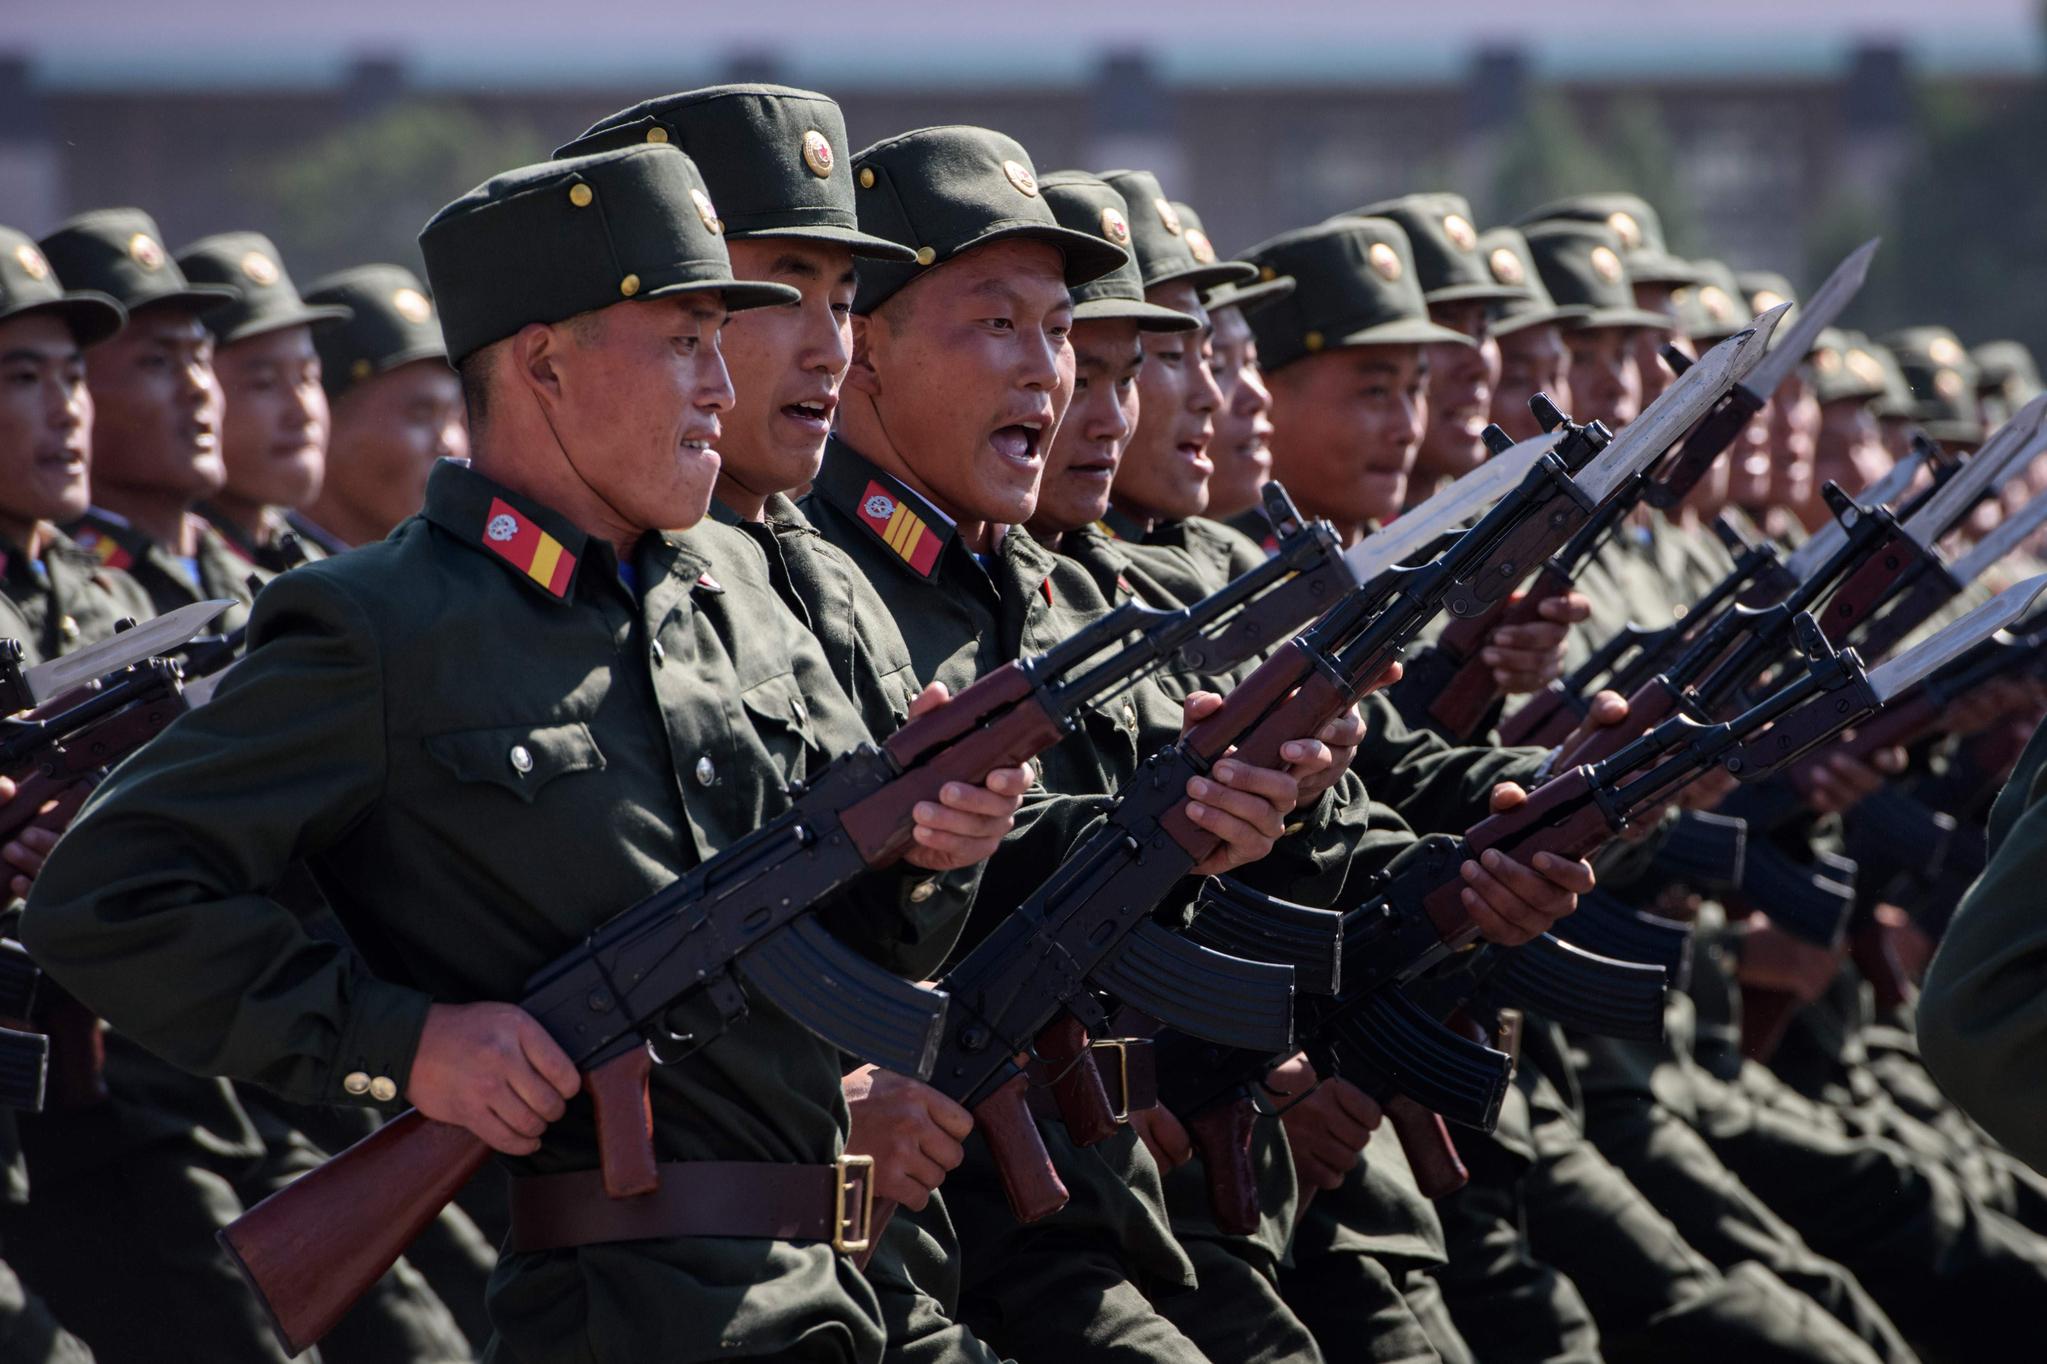 9일 북한 평양 김일성 광장에서 열린 북한 정권수립 70주년 기념 열병식에서 총을 들고 퍼레이드를 하고 있는 북한군들.[AFP=연합뉴스]